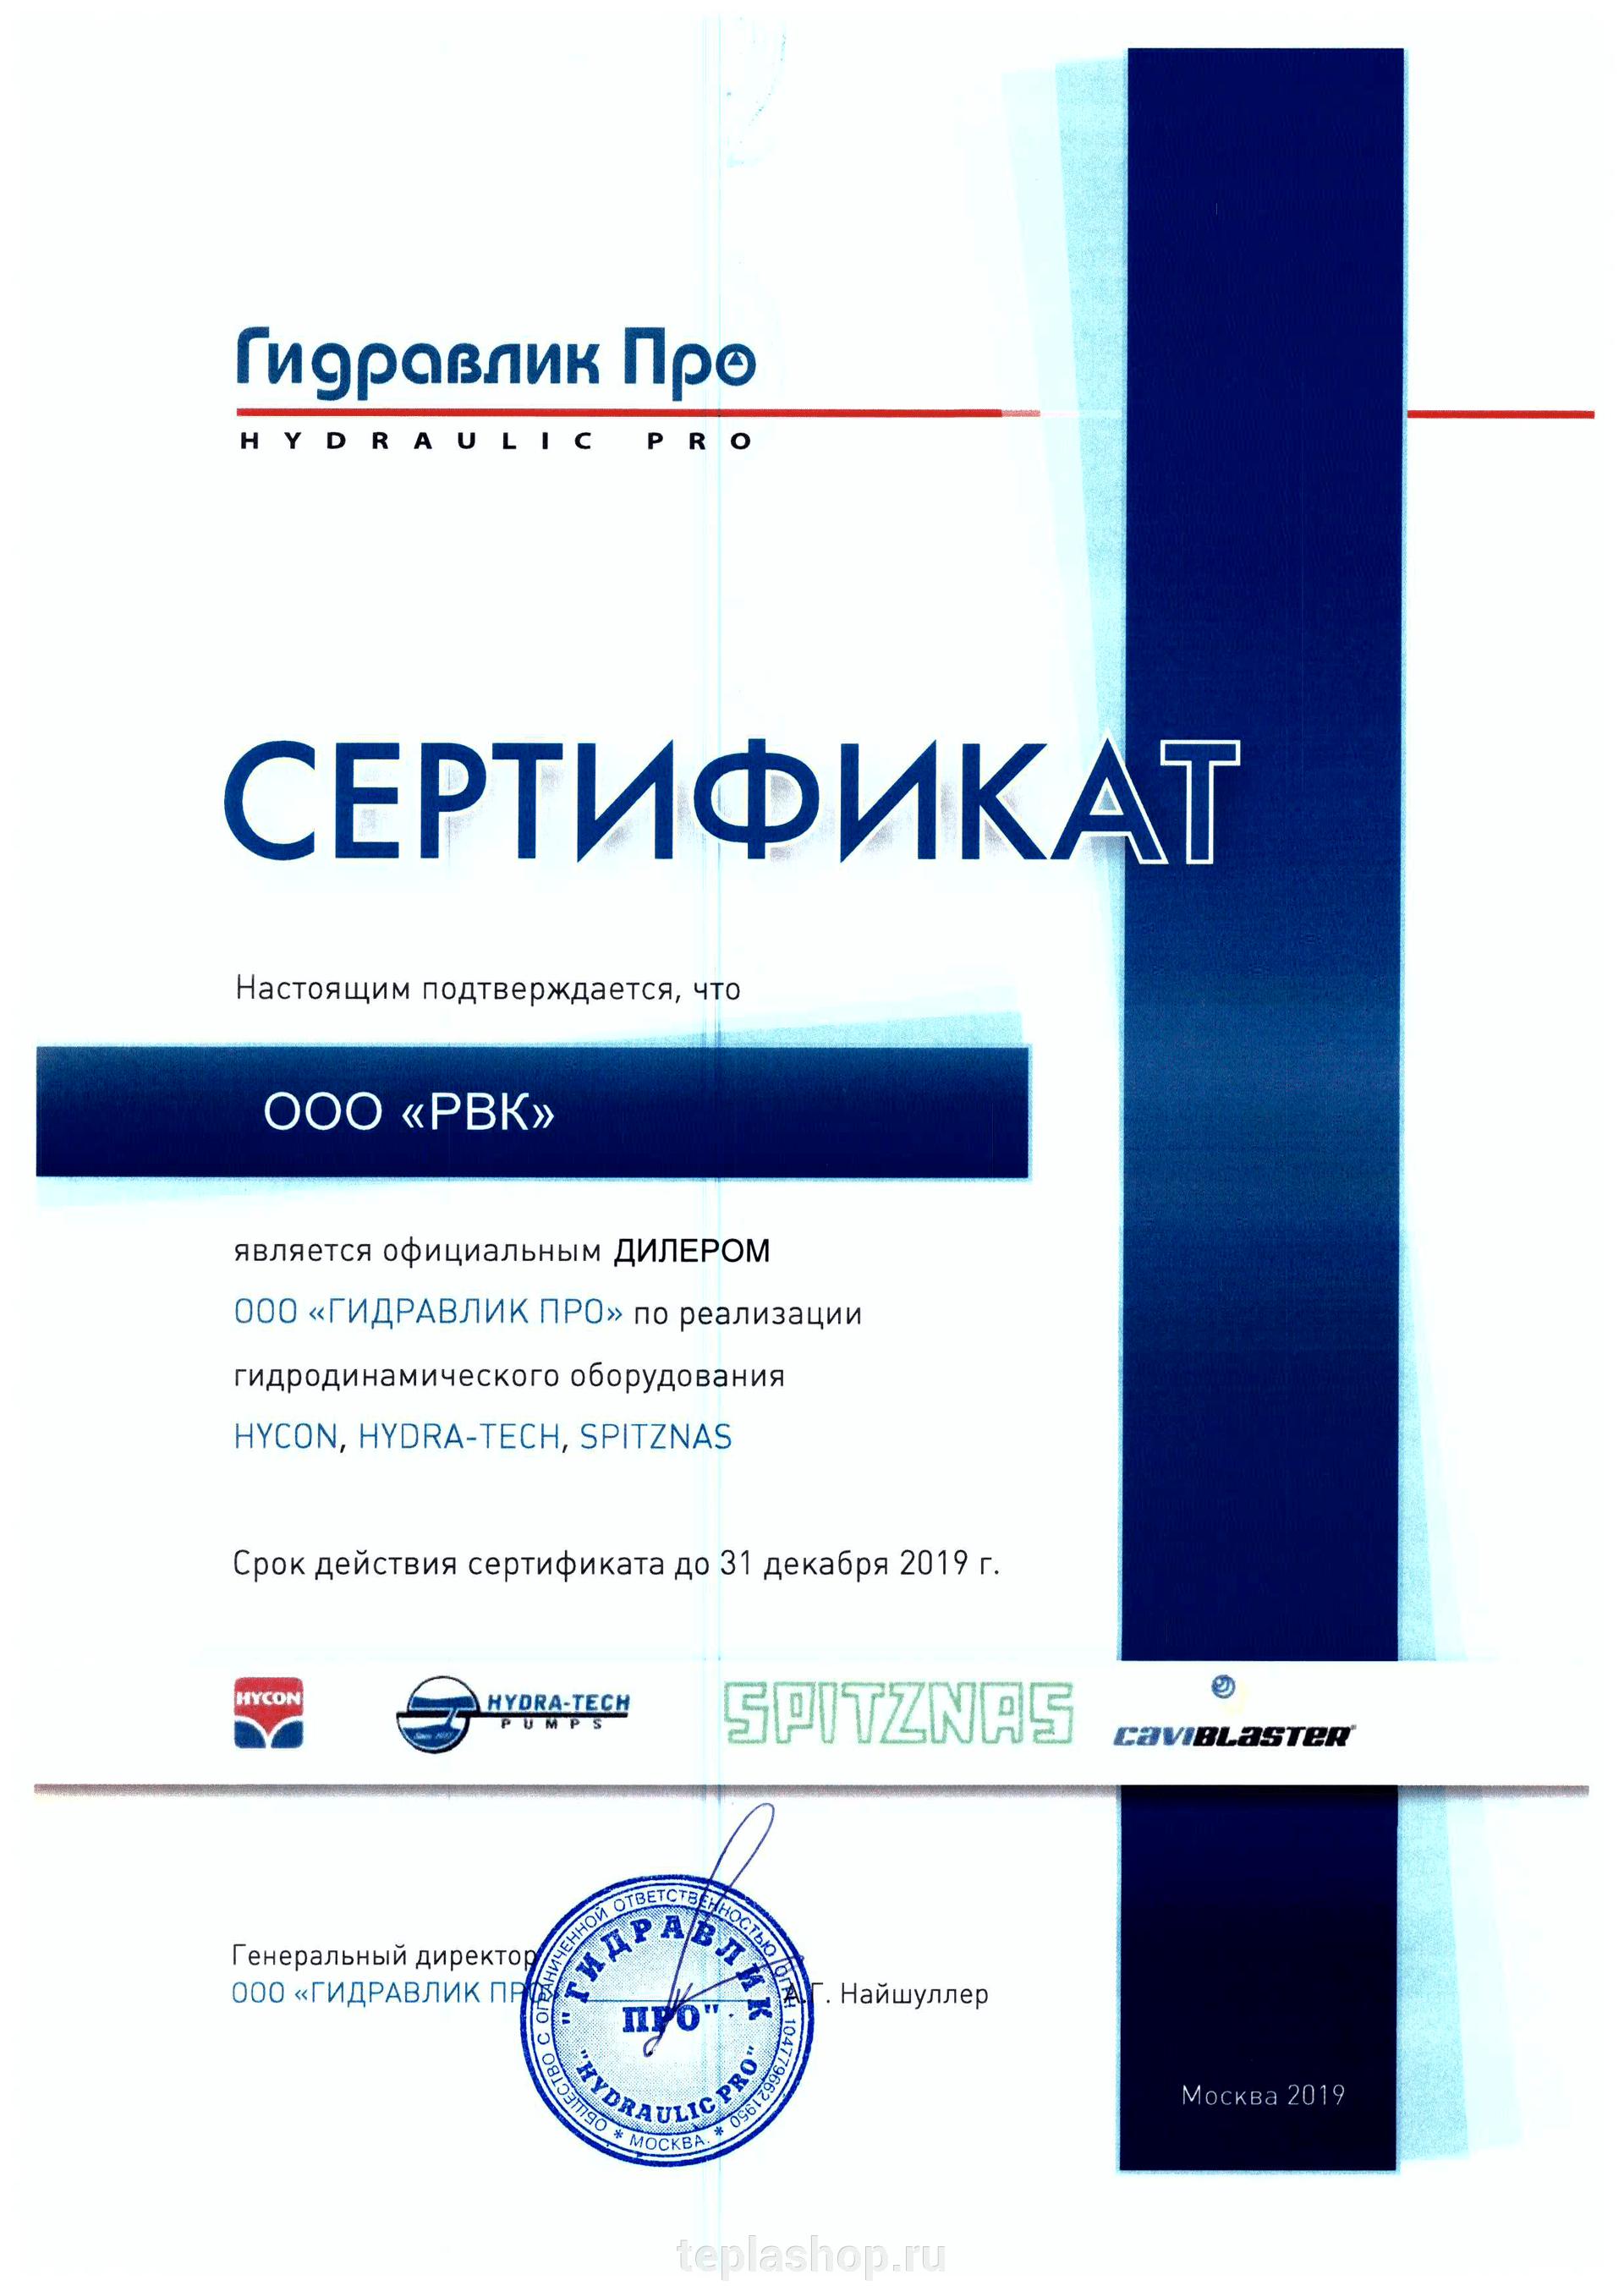 Наша компания стала официальным дилером Hycon! - фото pic_6744a2cb9fb3f39_1920x9000_1.png